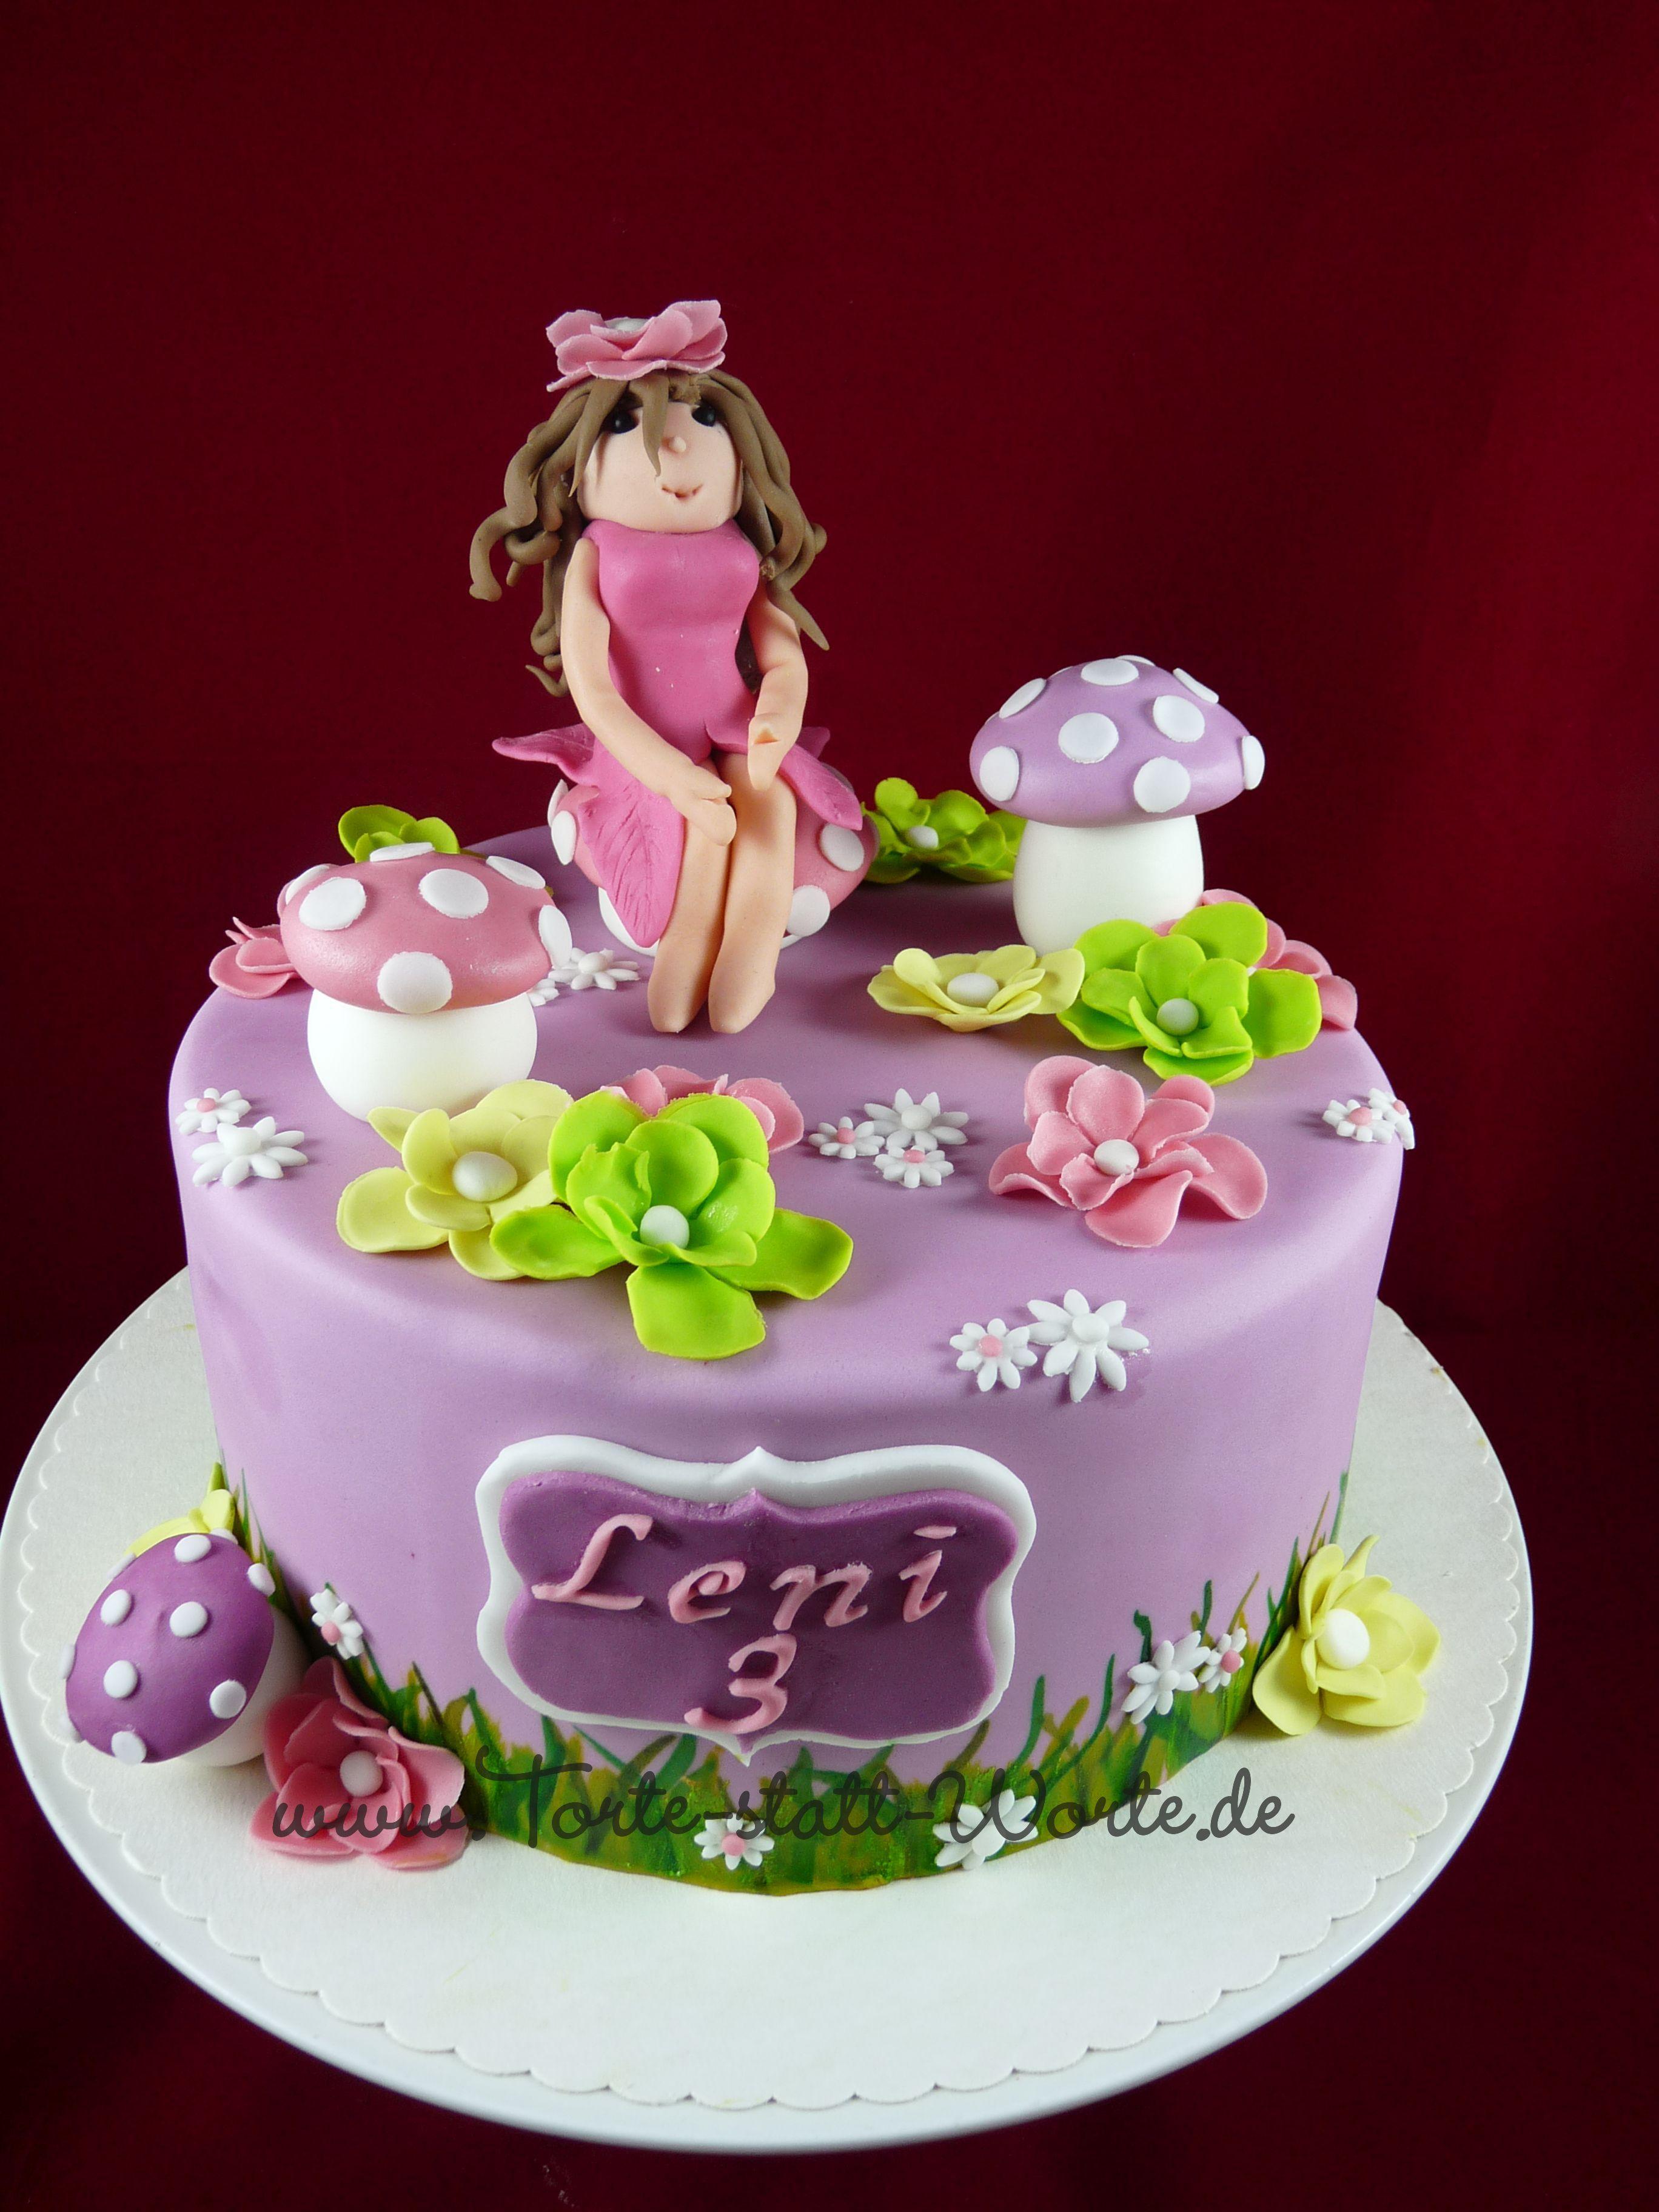 Eine Torte fr ein kleines Mdchen zum Geburtstag